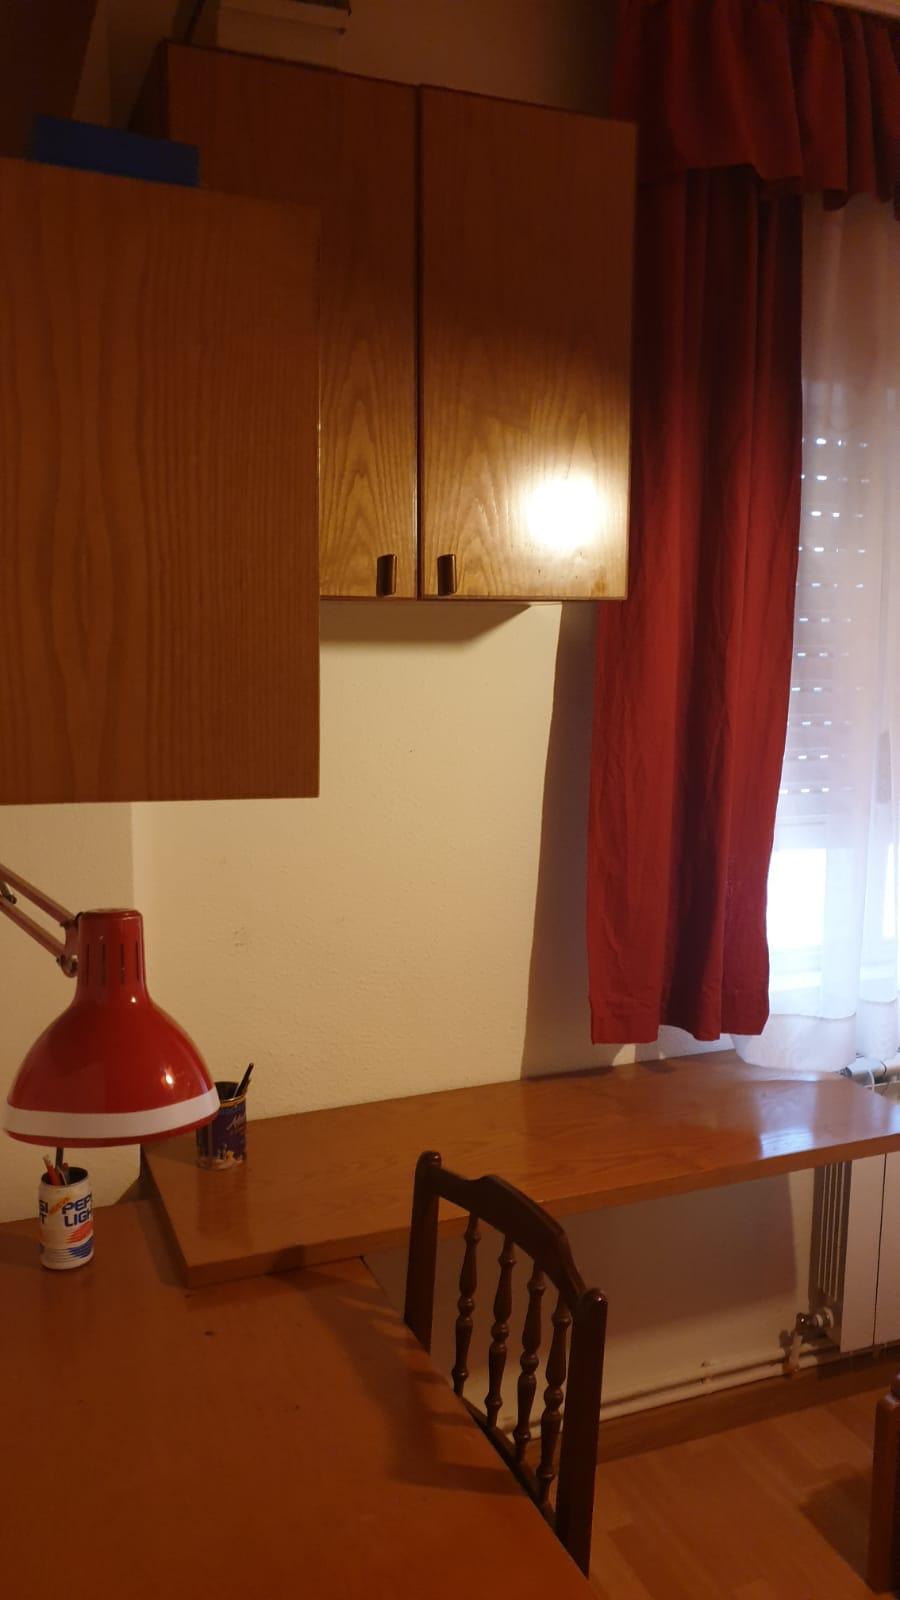 Piso de tres dormitorios junto a corte inglés (REF: 26) - foto 18 7b289132-0458-47cb-9497-52d7573fc4f3.jpg